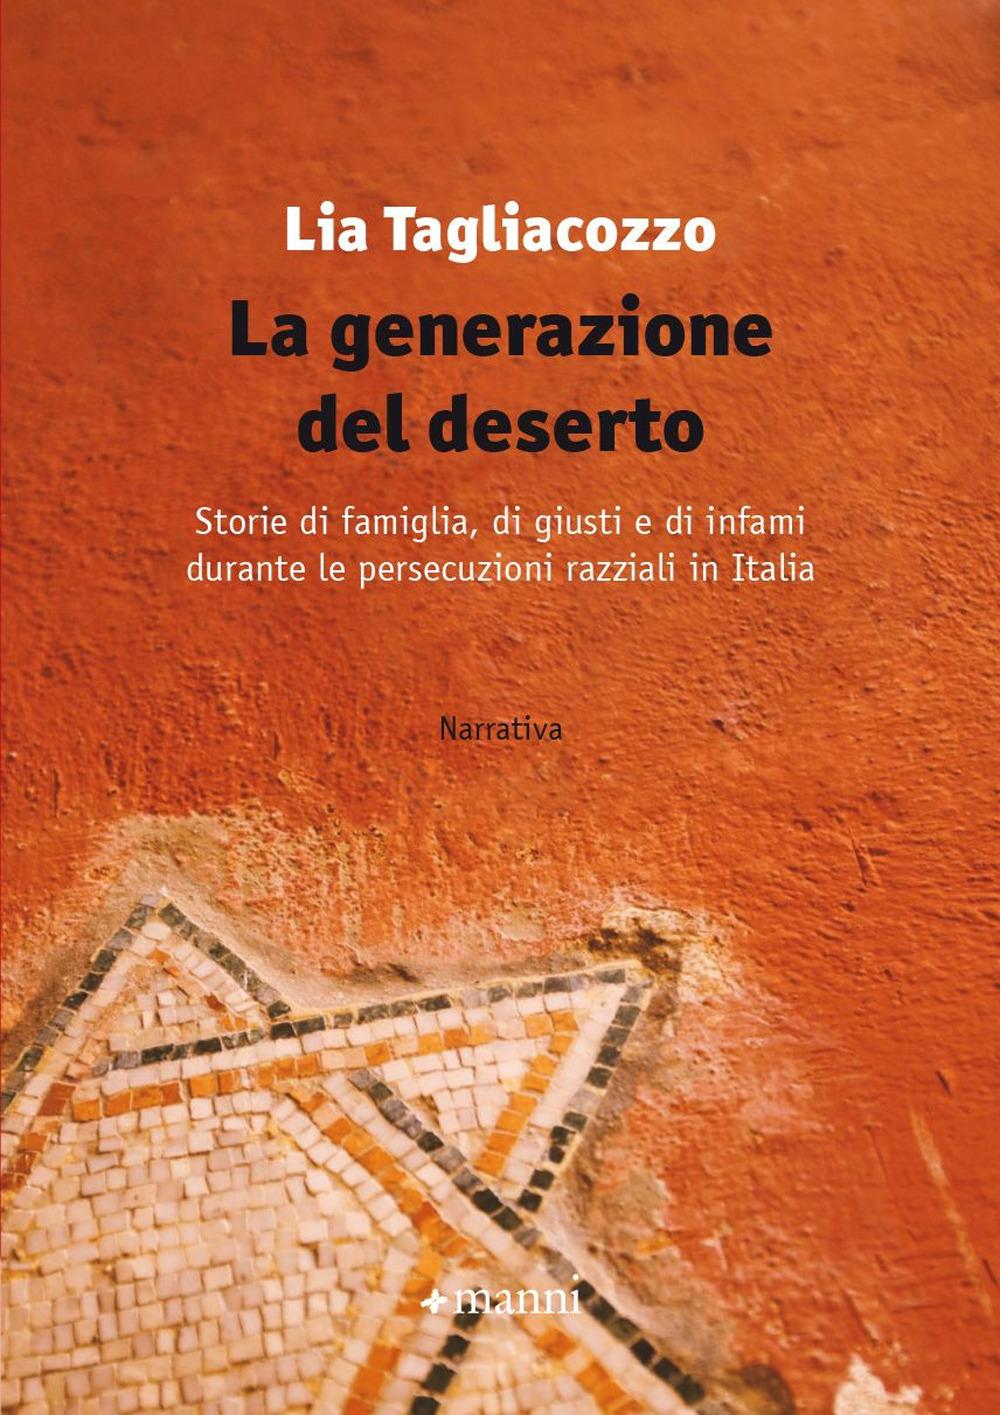 GENERAZIONE DEL DESERTO. STORIE DI FAMIGLIA, DI GIUSTI E DI INFAMI DURANTE LE PERSECUZIONI RAZZIALI IN ITALIA (LA) - 9788836170036